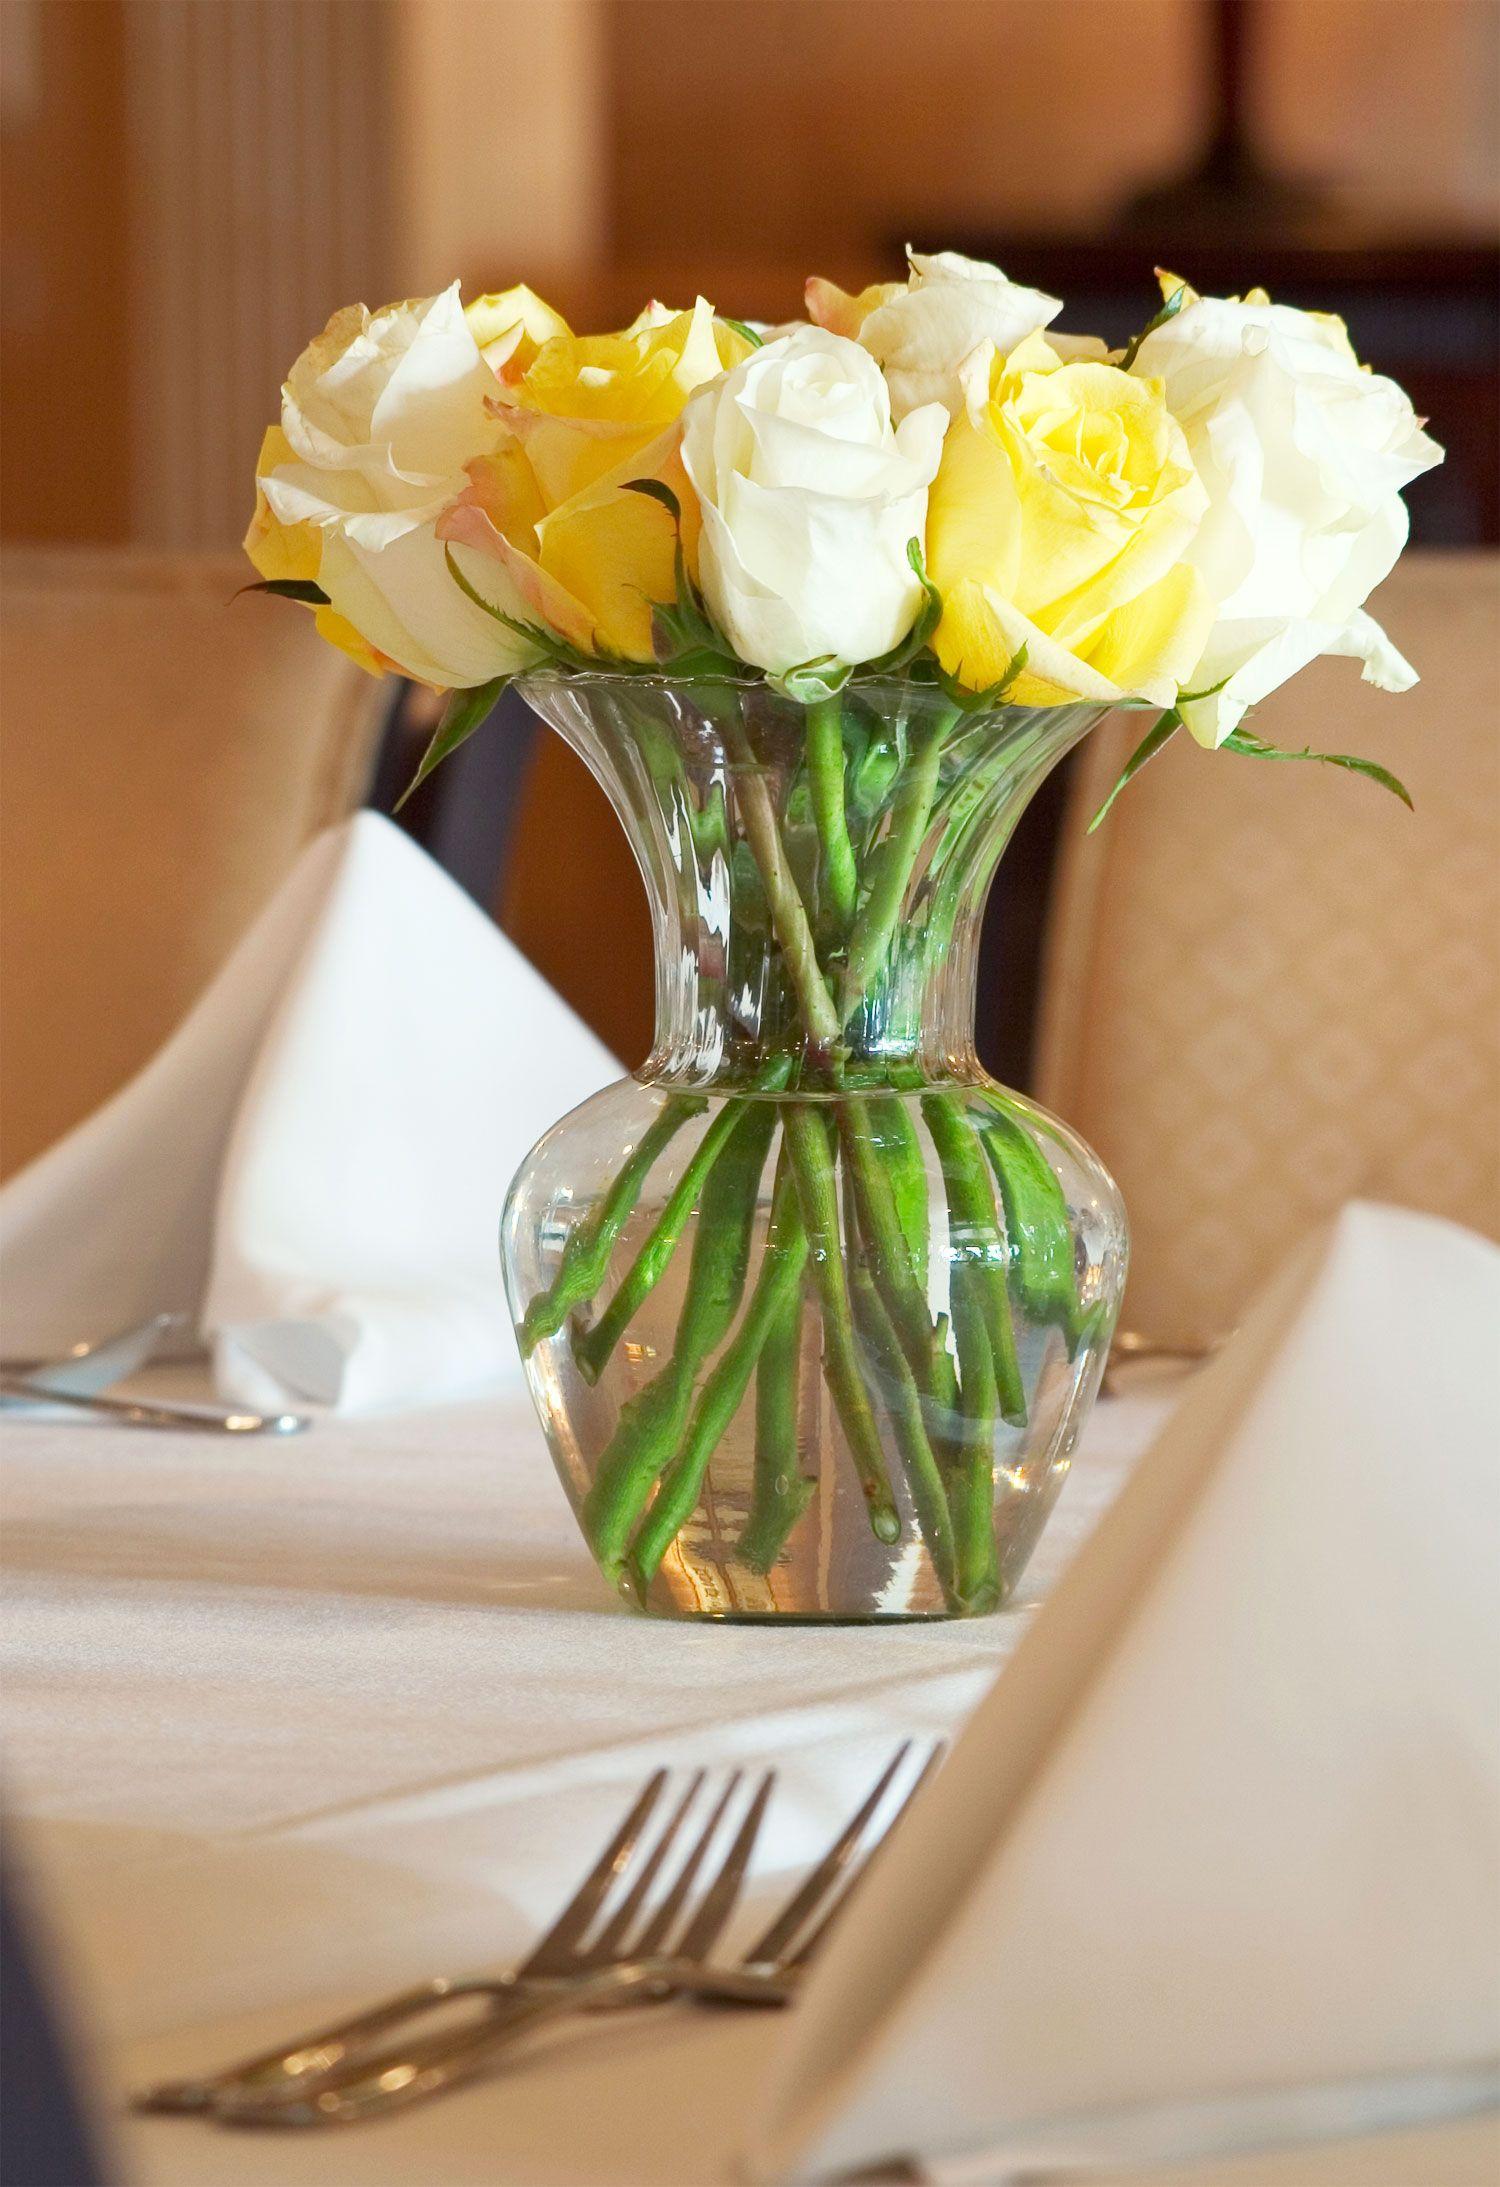 centro de mesa de jarrn con flores amarillas